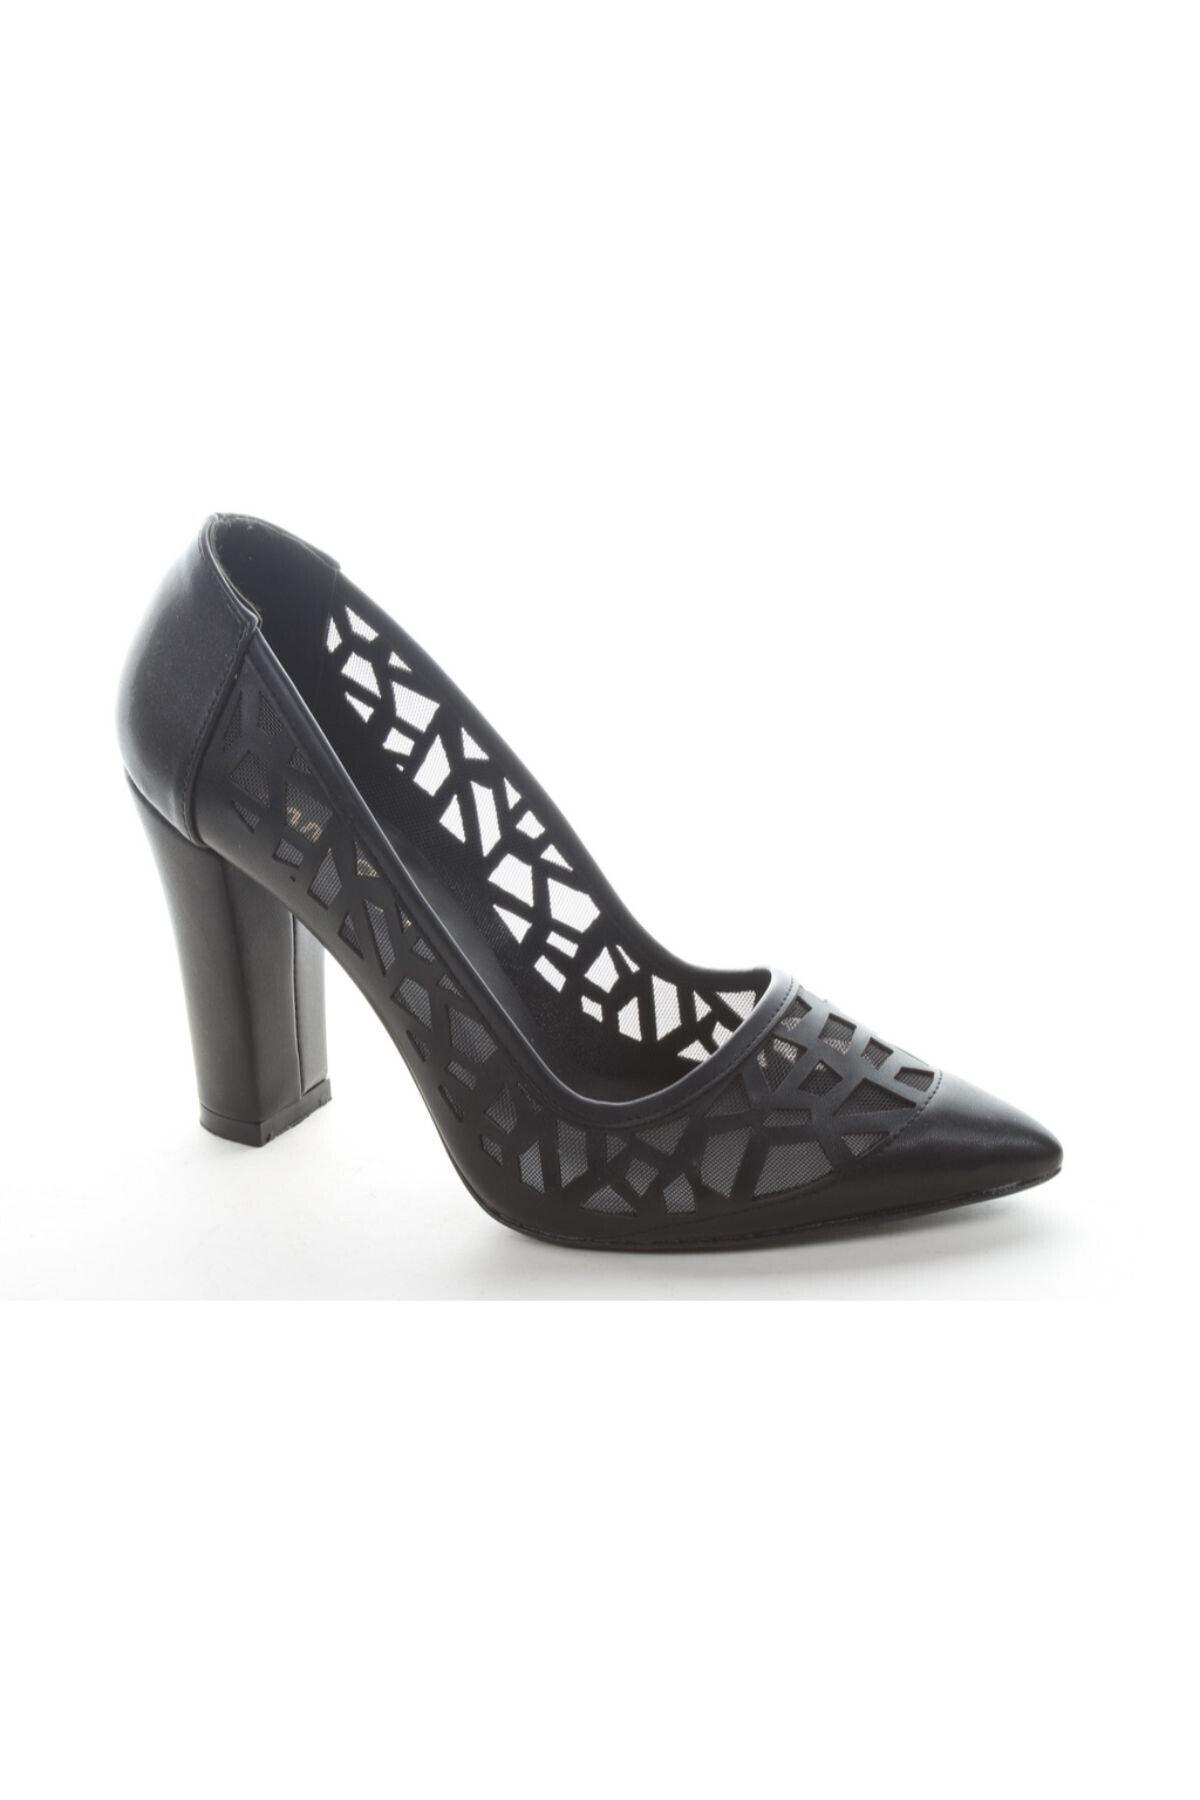 Pandora Ayakkabı Kadın Kırmızı Topuklu Ayakkabı 1